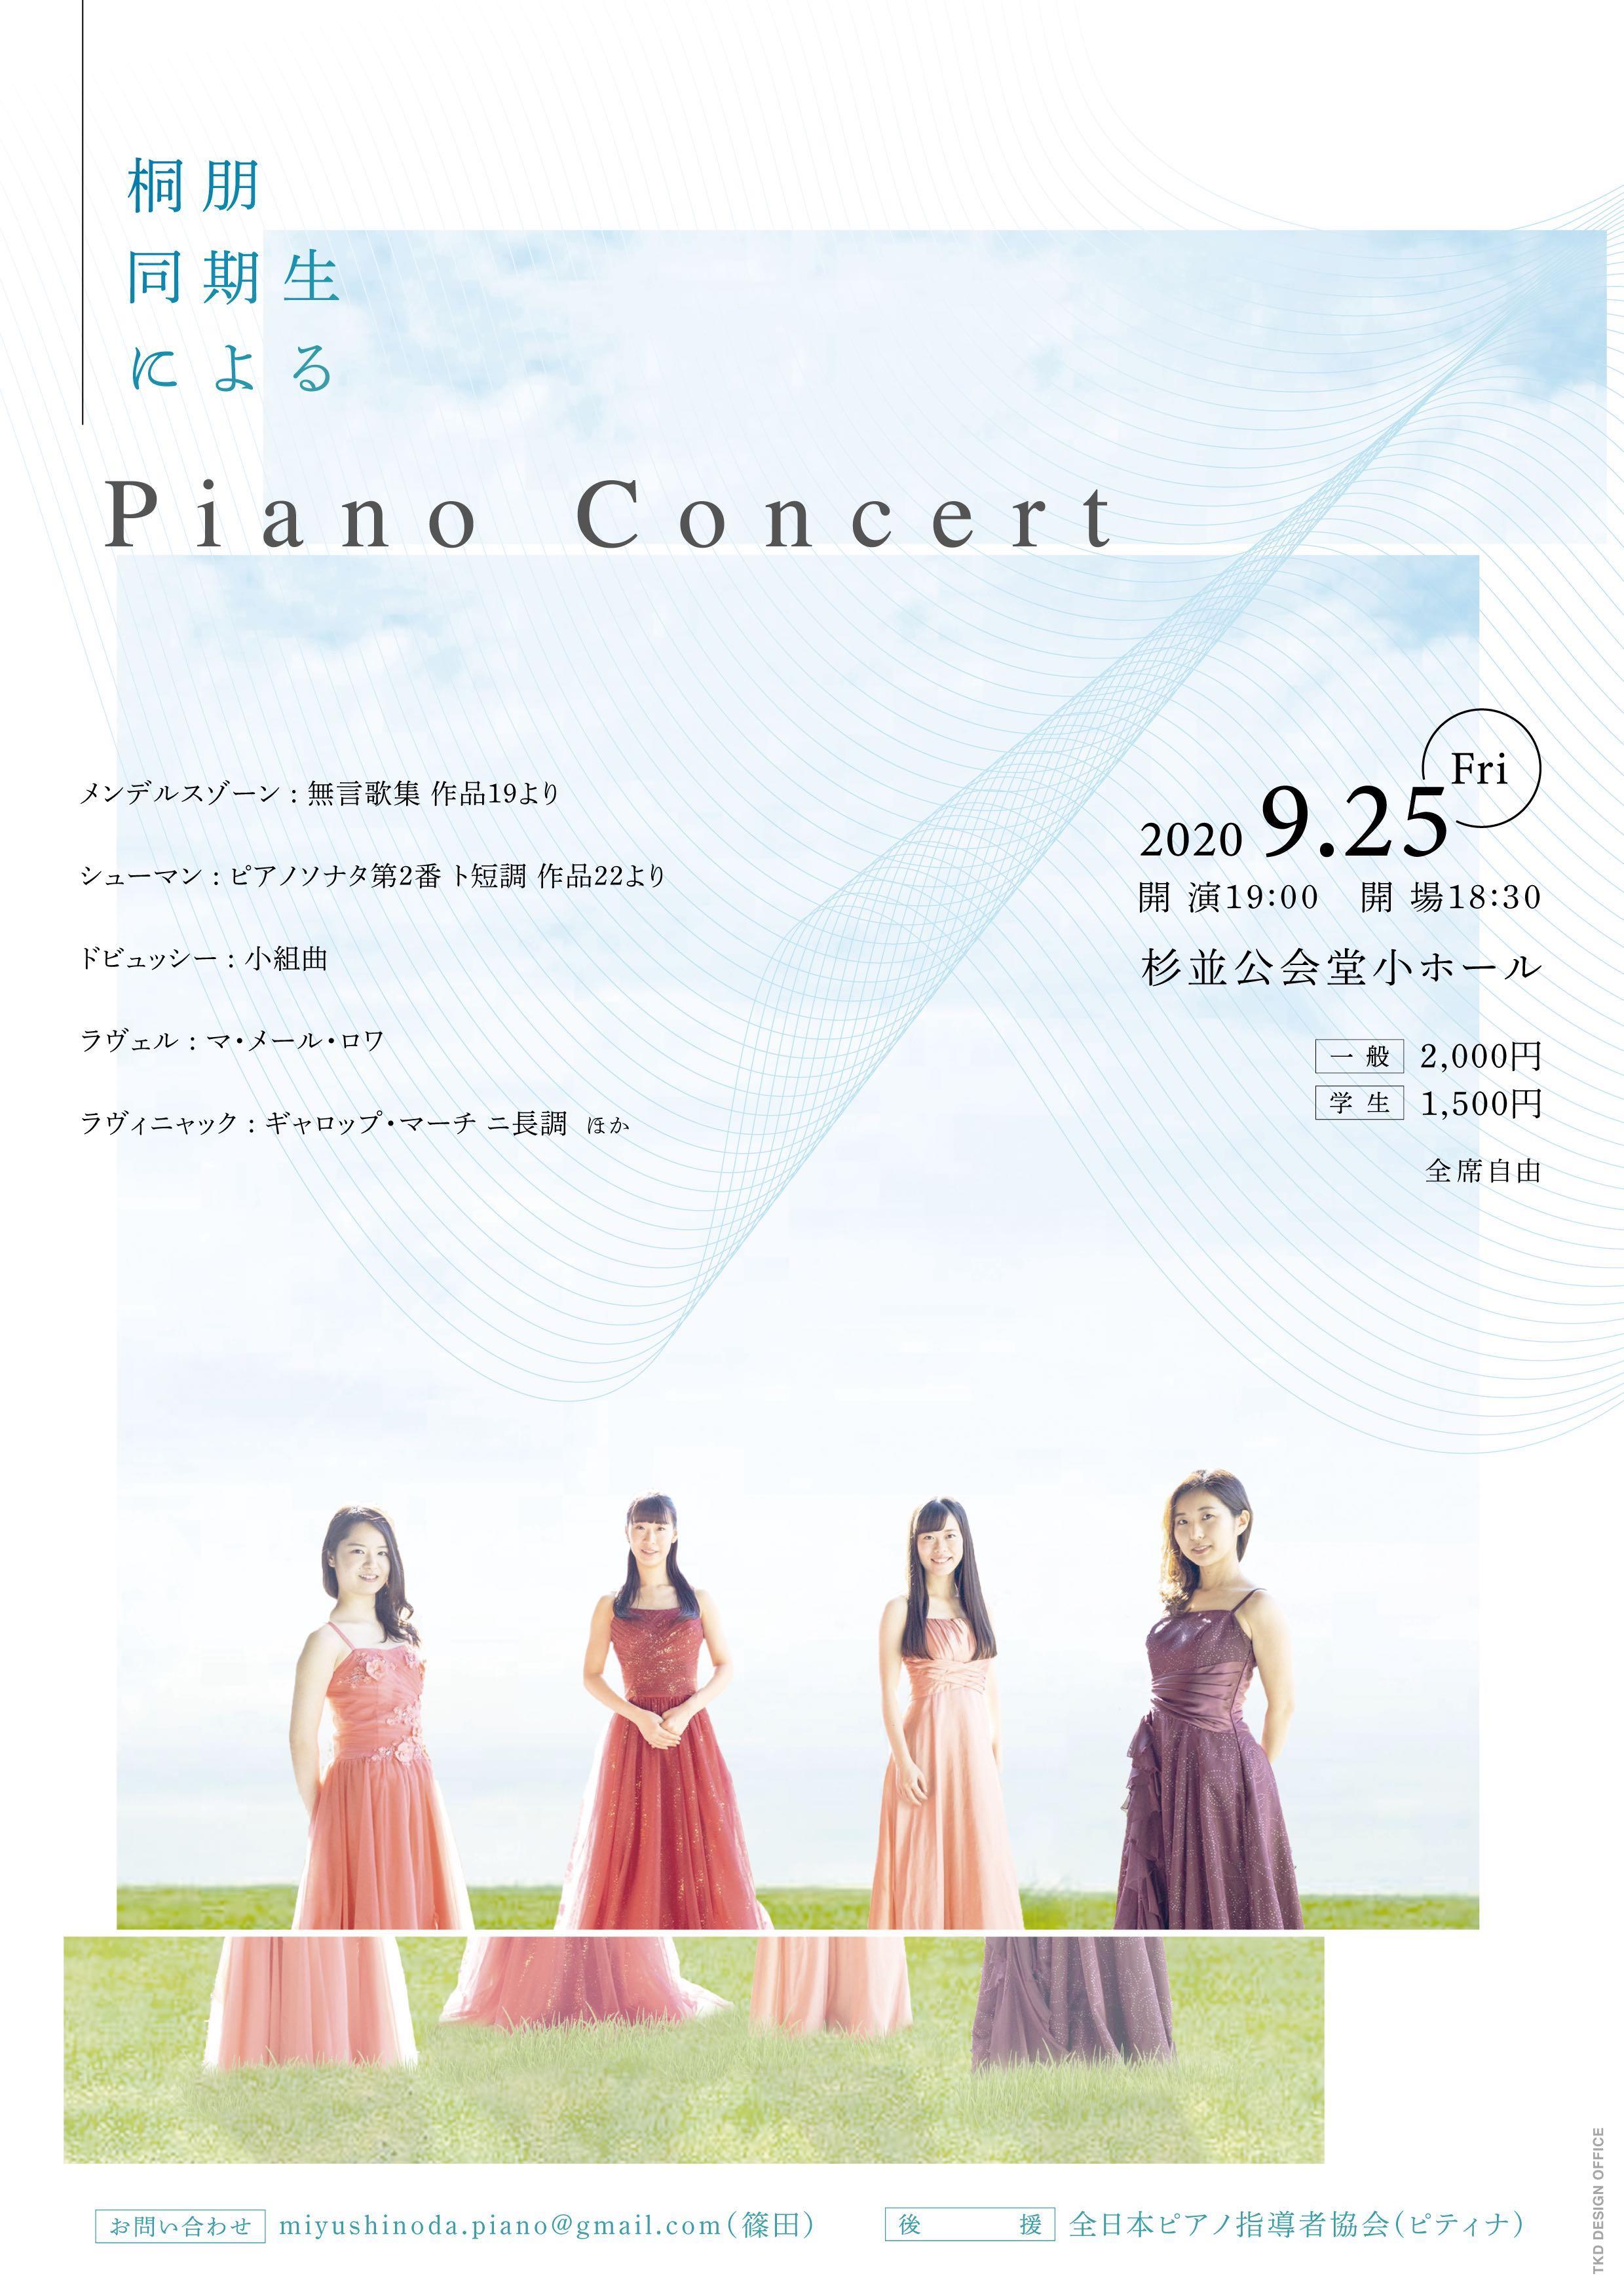 桐朋同期生による Piano Concert